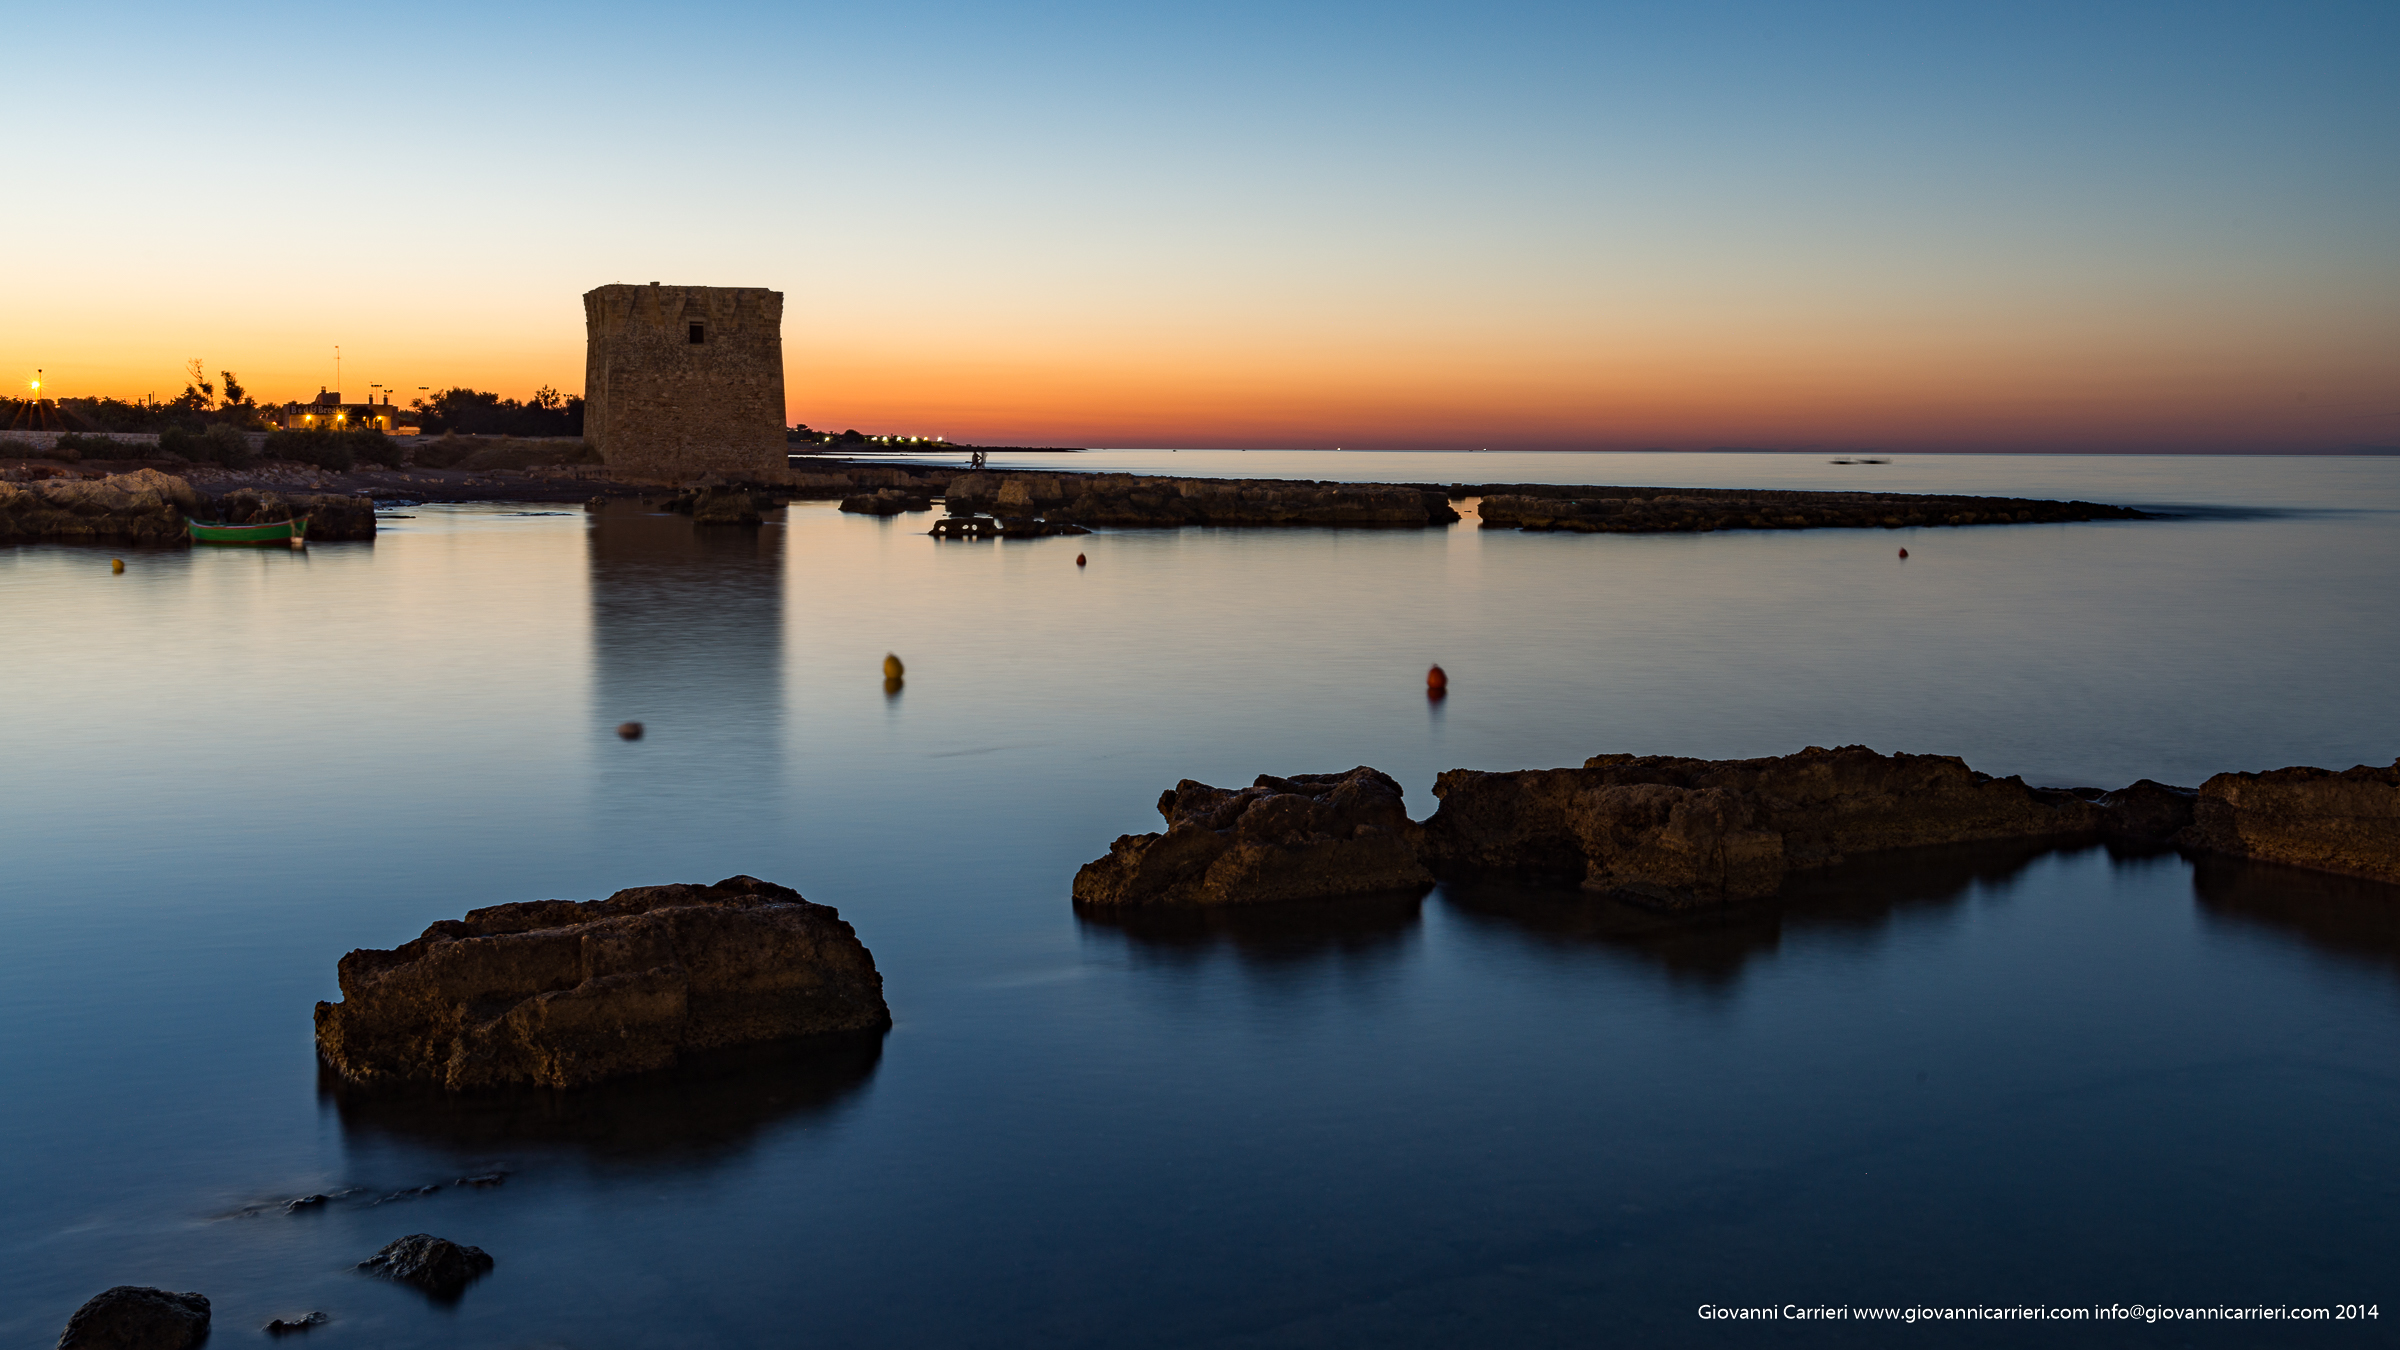 Un tramonto illumina San Vito, frazione di Polignano a Mare